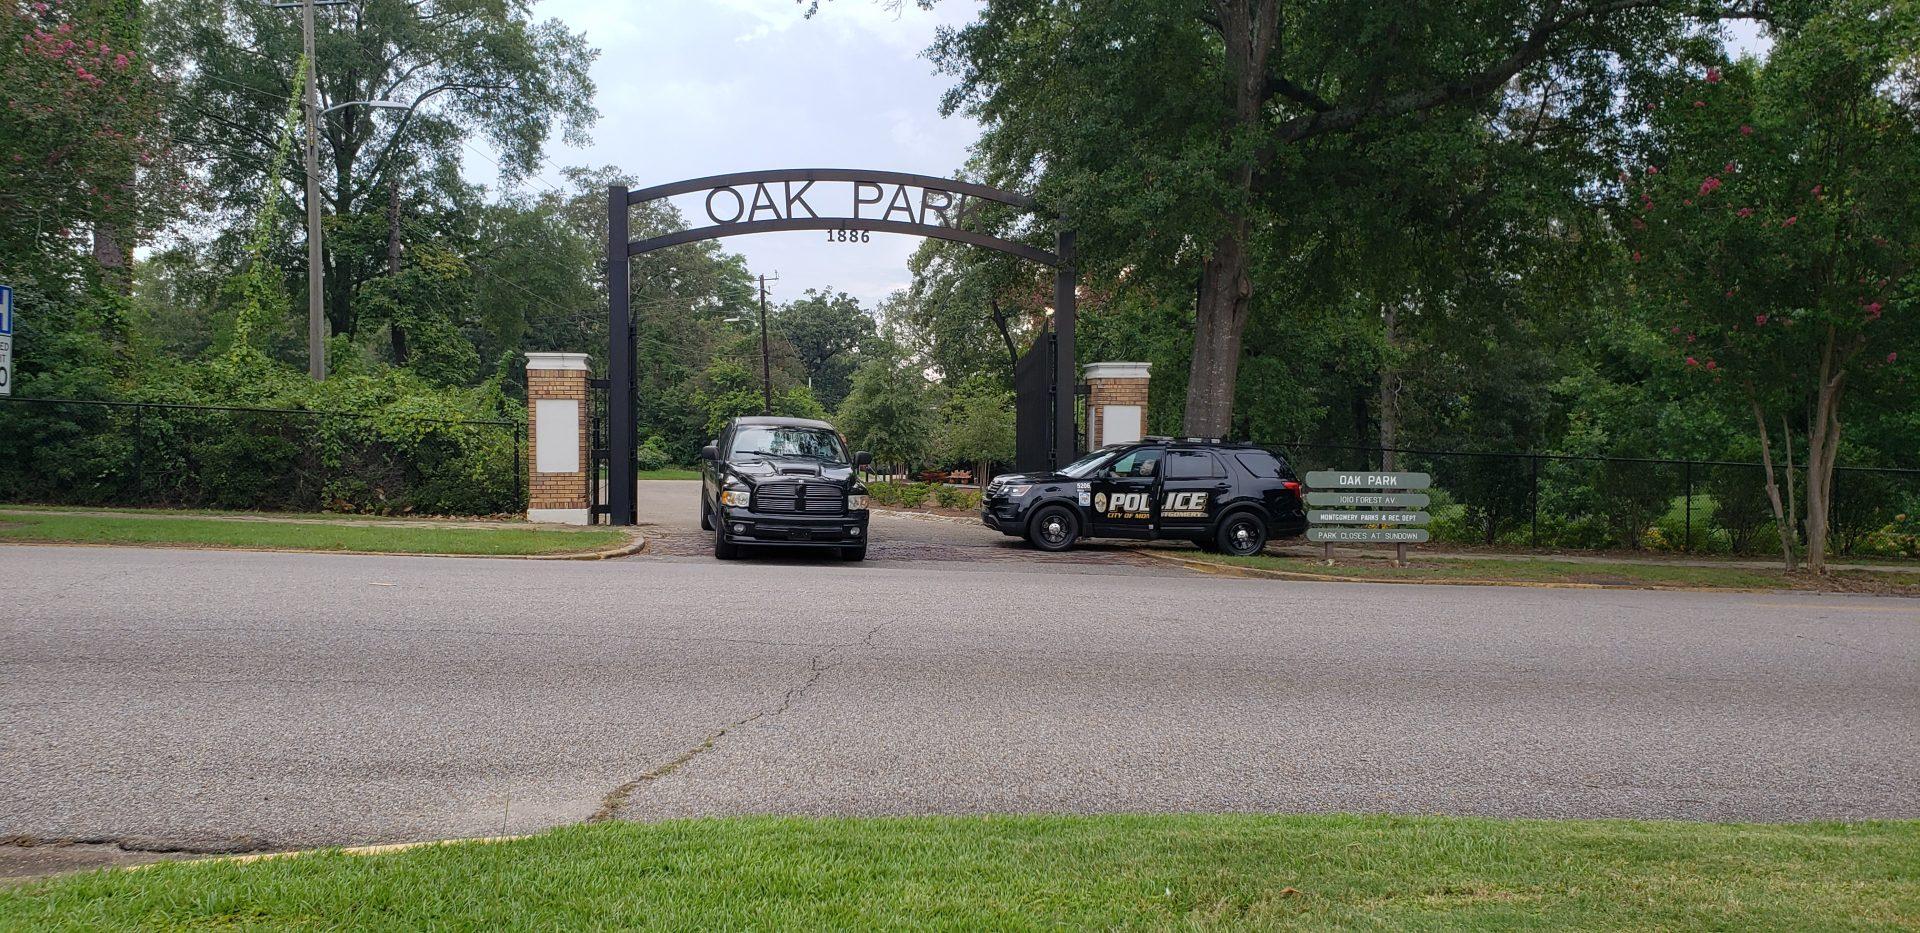 Mujer de 13 años asesinada a tiros, en Oak Park en Montgomery